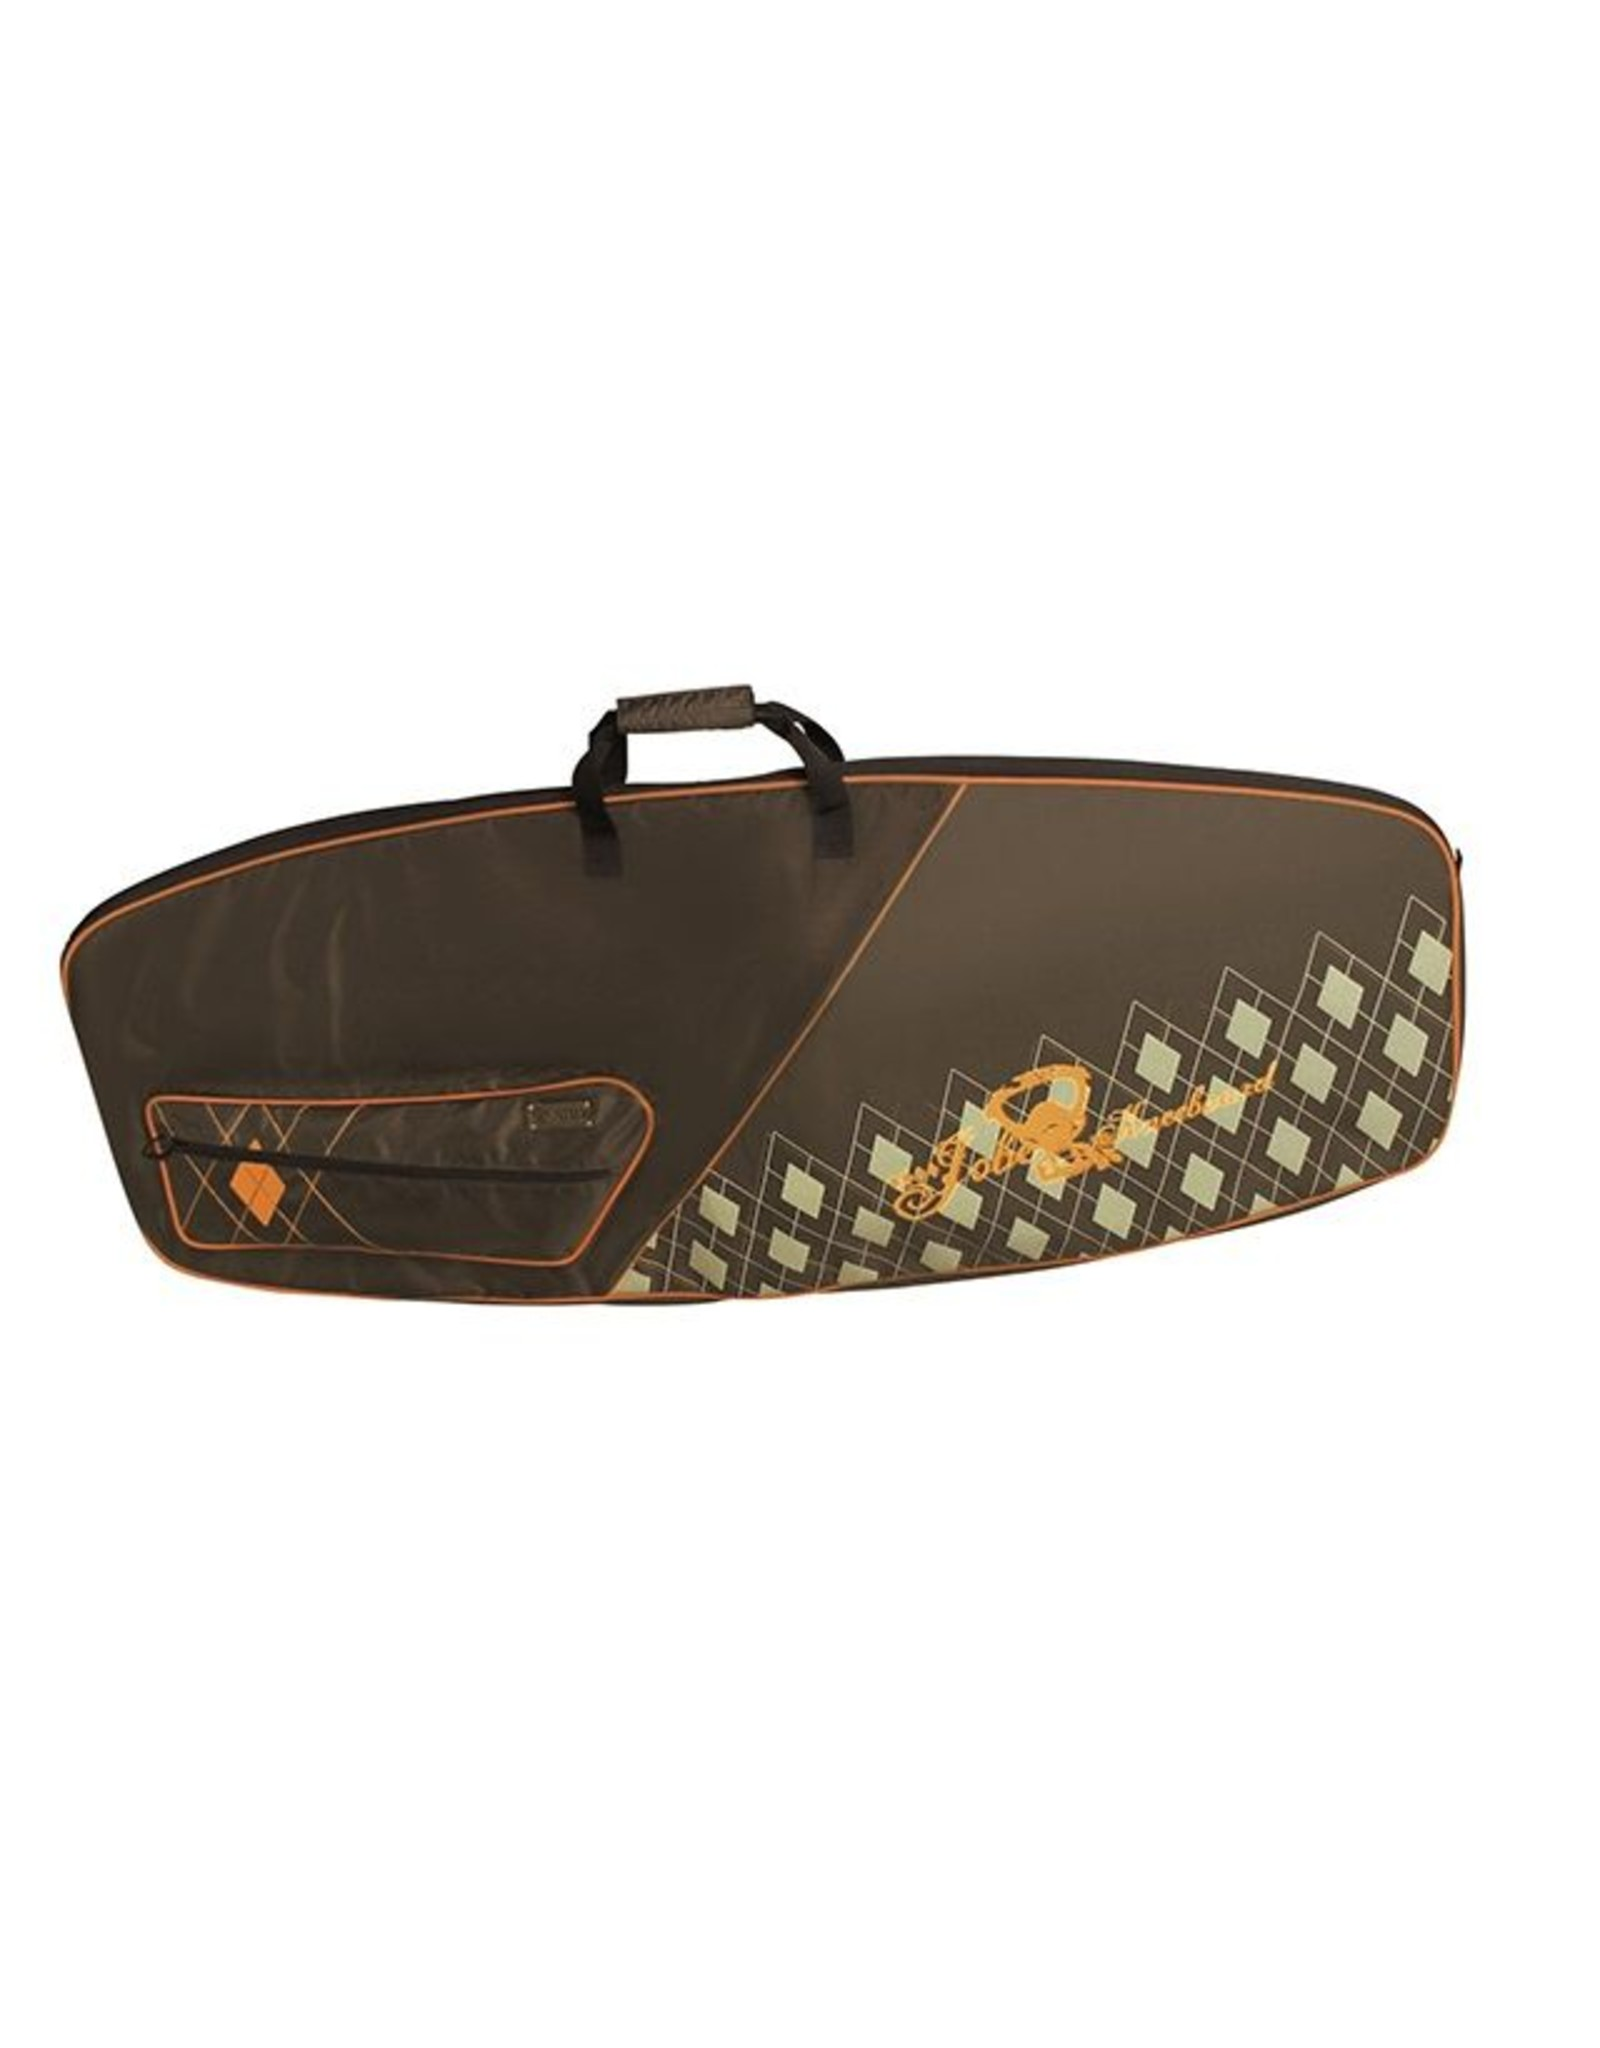 Hebor Watersport Jobe padded kneeboard bag diamond